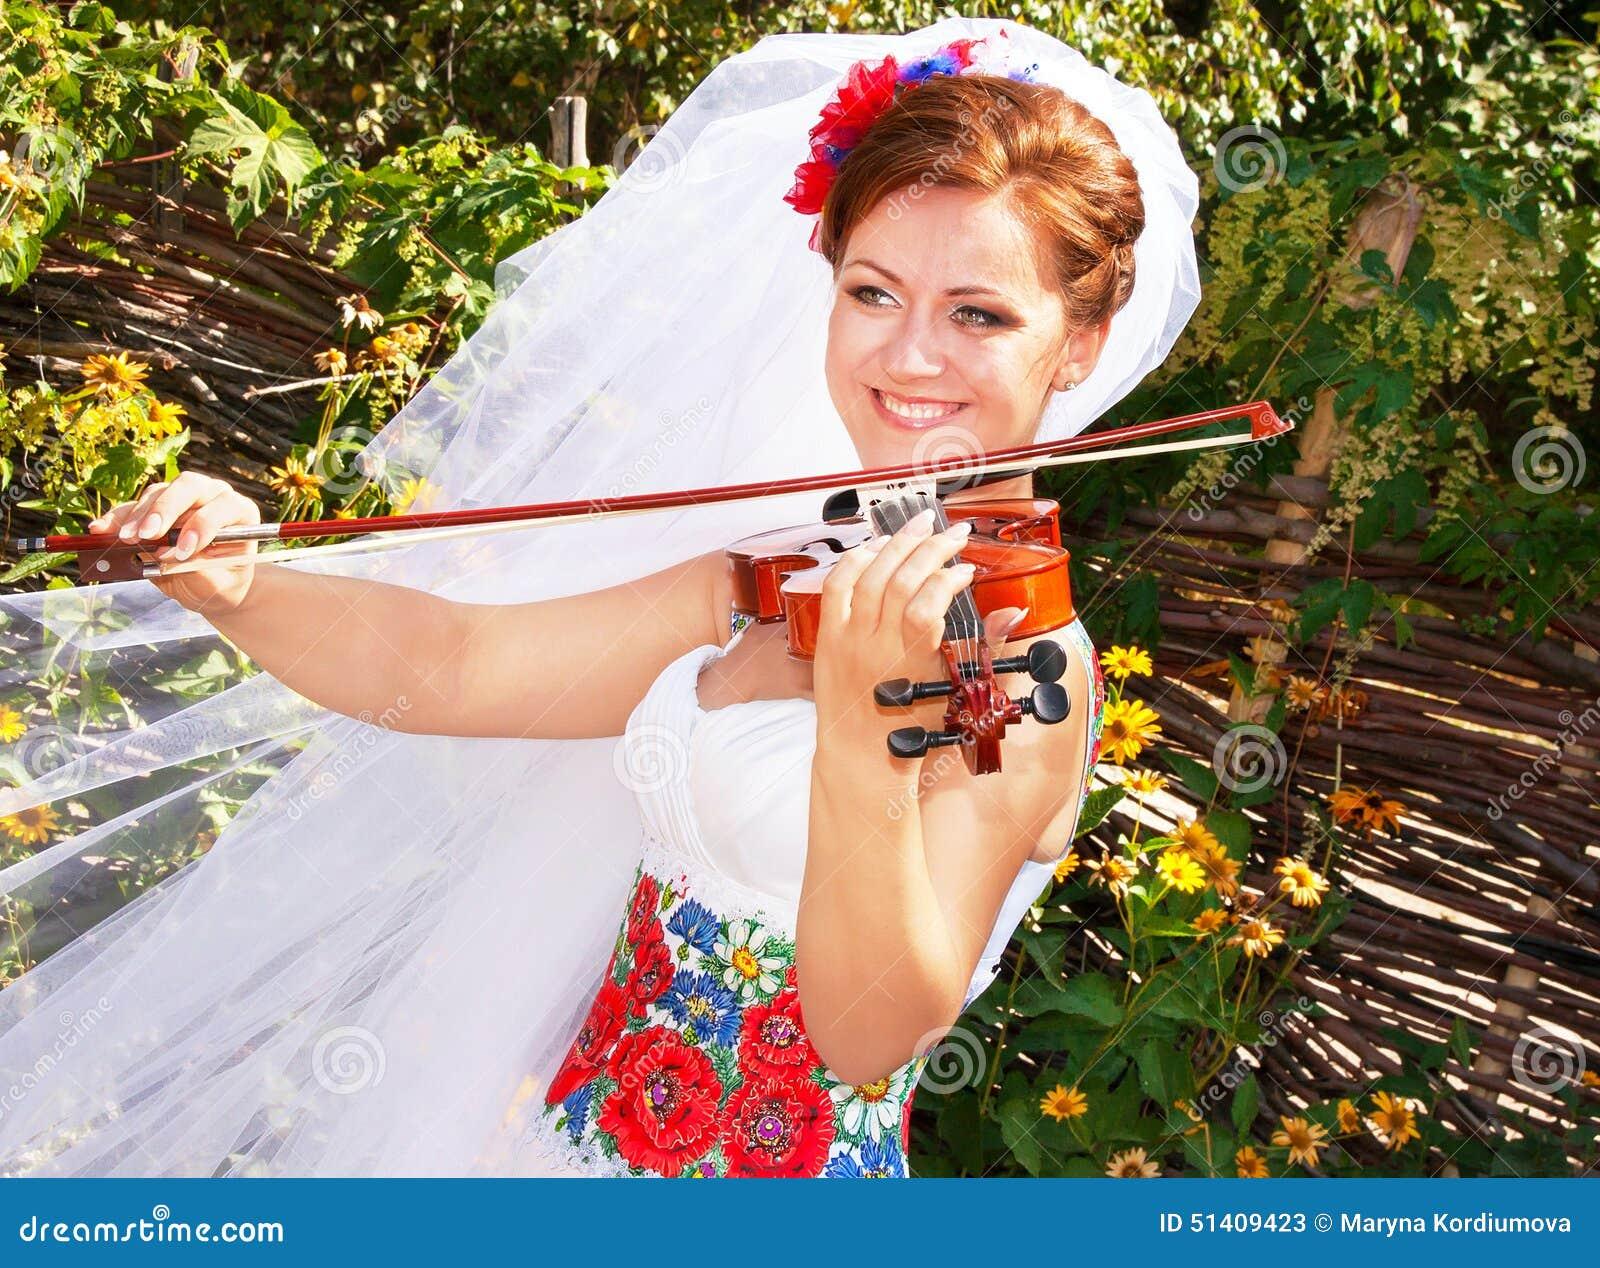 Dreams In Ukraine Ukrainian Bride 116